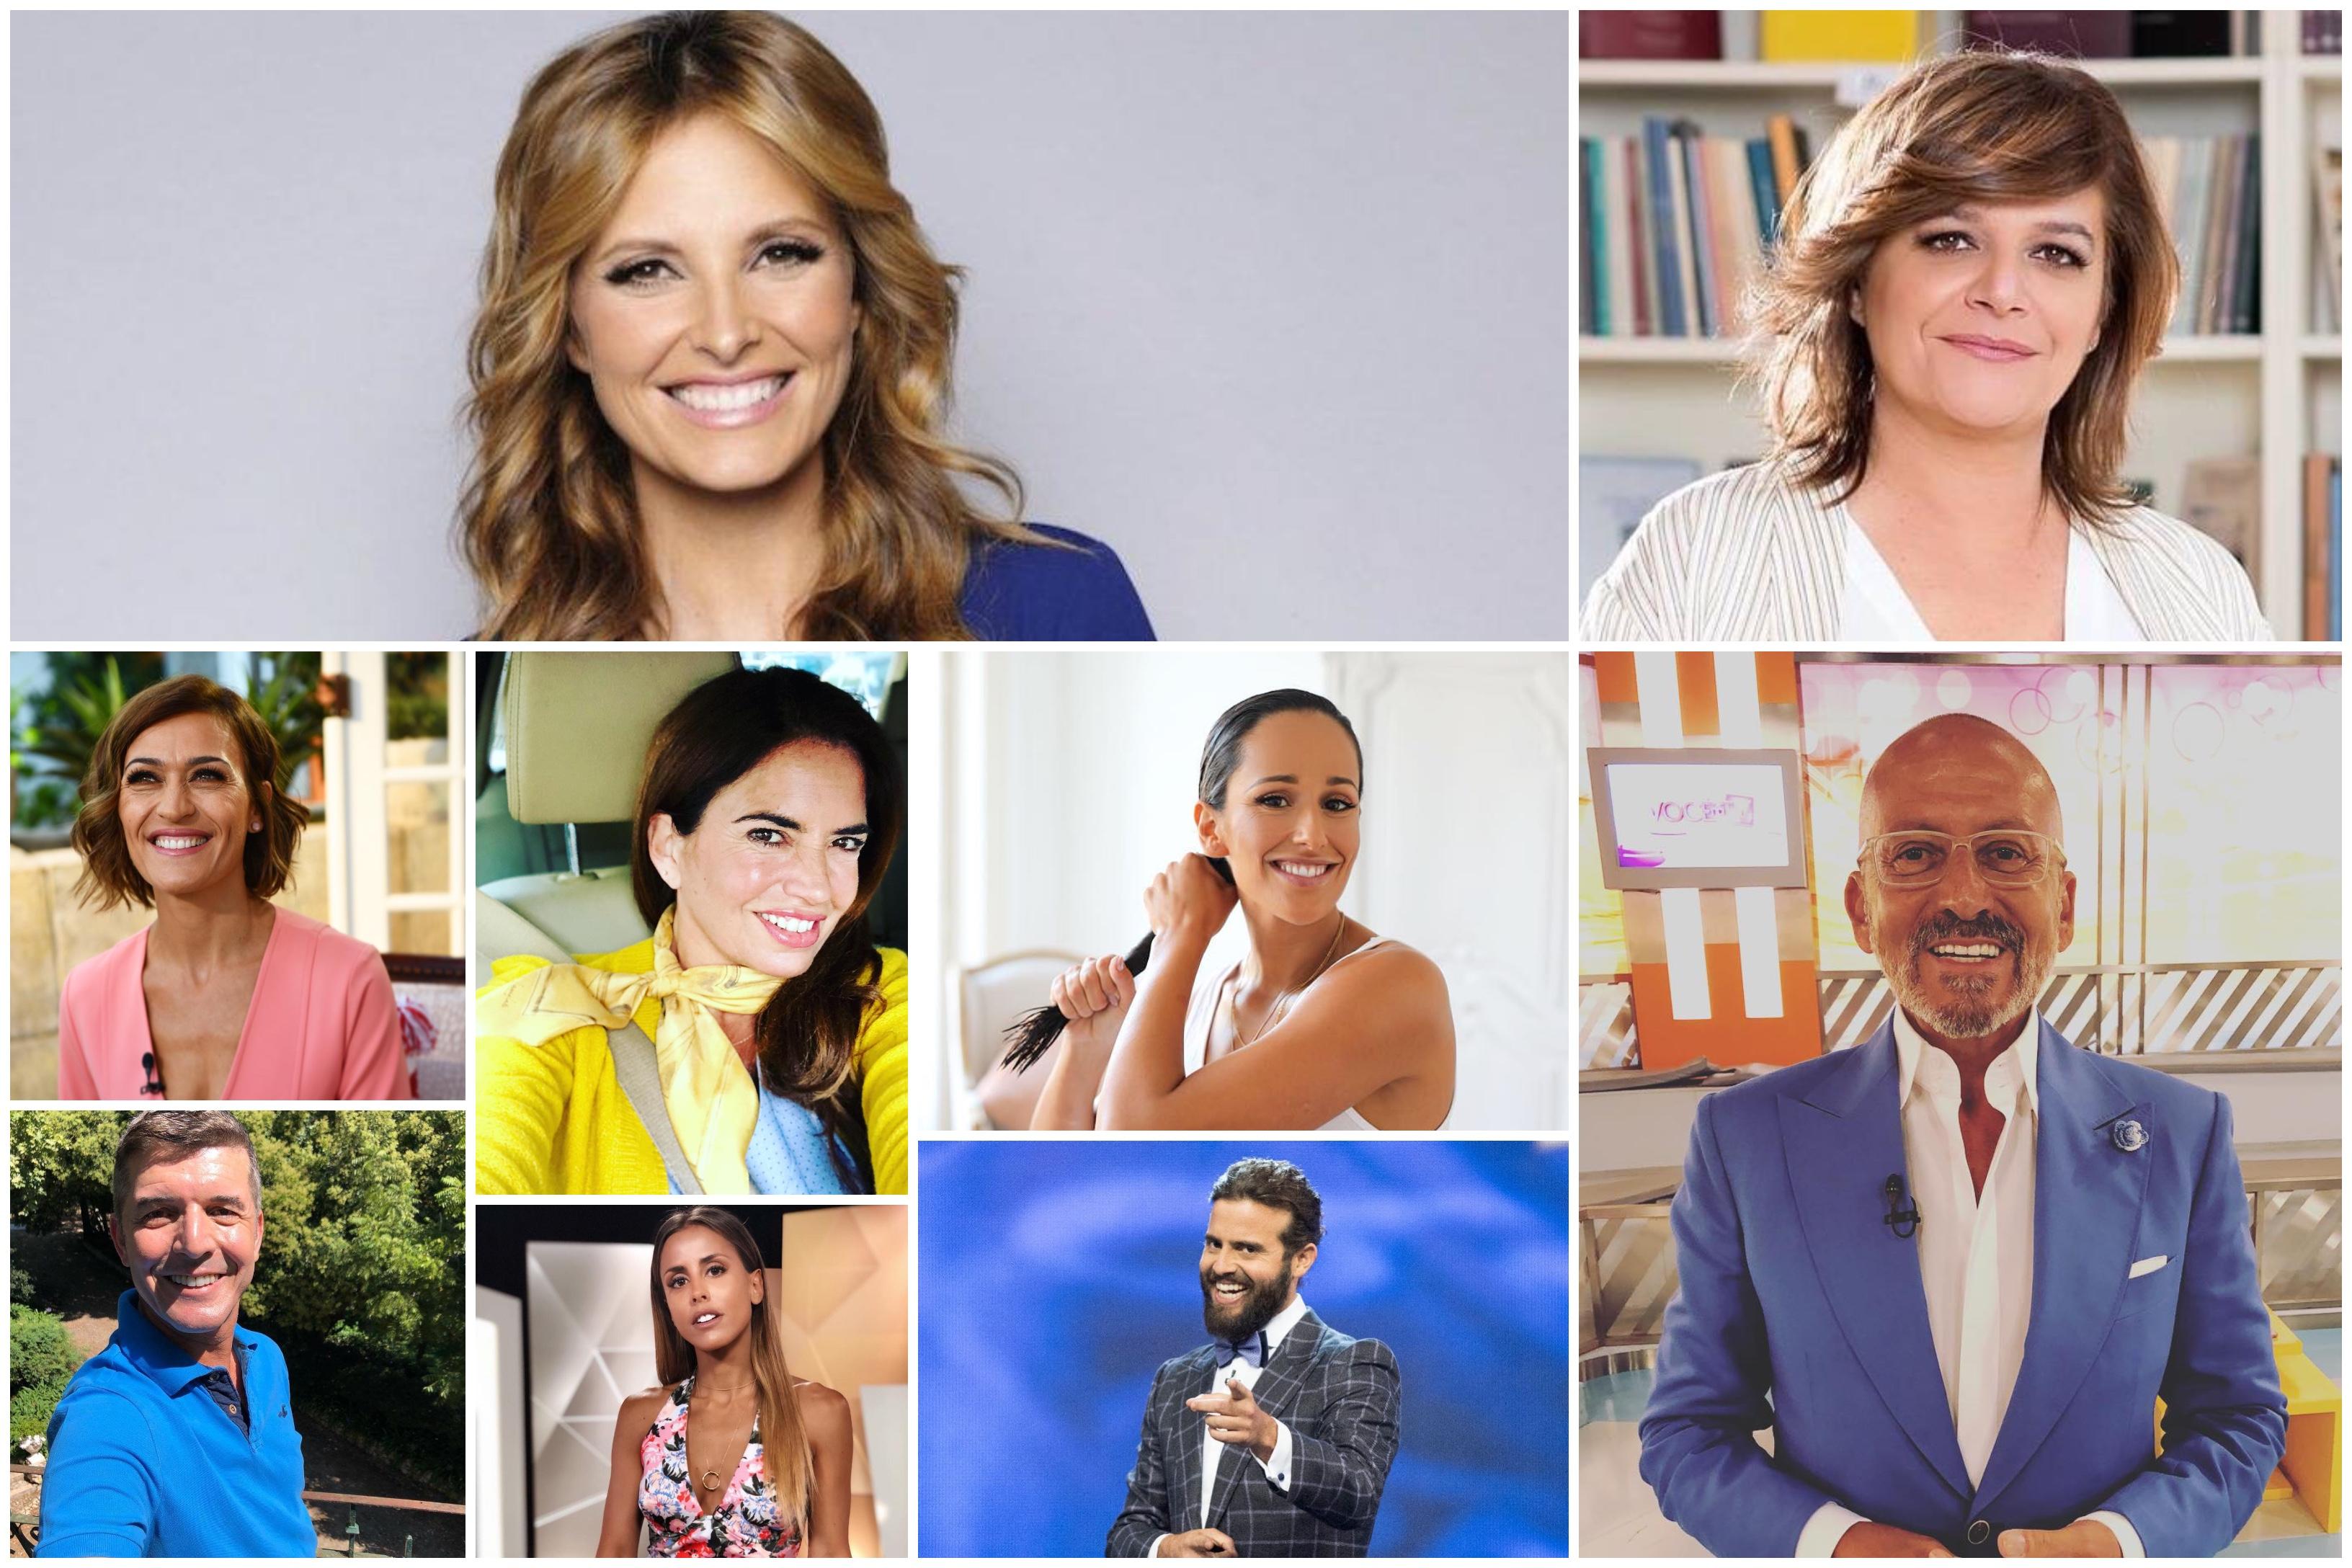 Apresentadores Televisao Bem Mal Pagos 2 A Lista Dos &Quot;Bem E Mal Pagos&Quot; Da Televisão